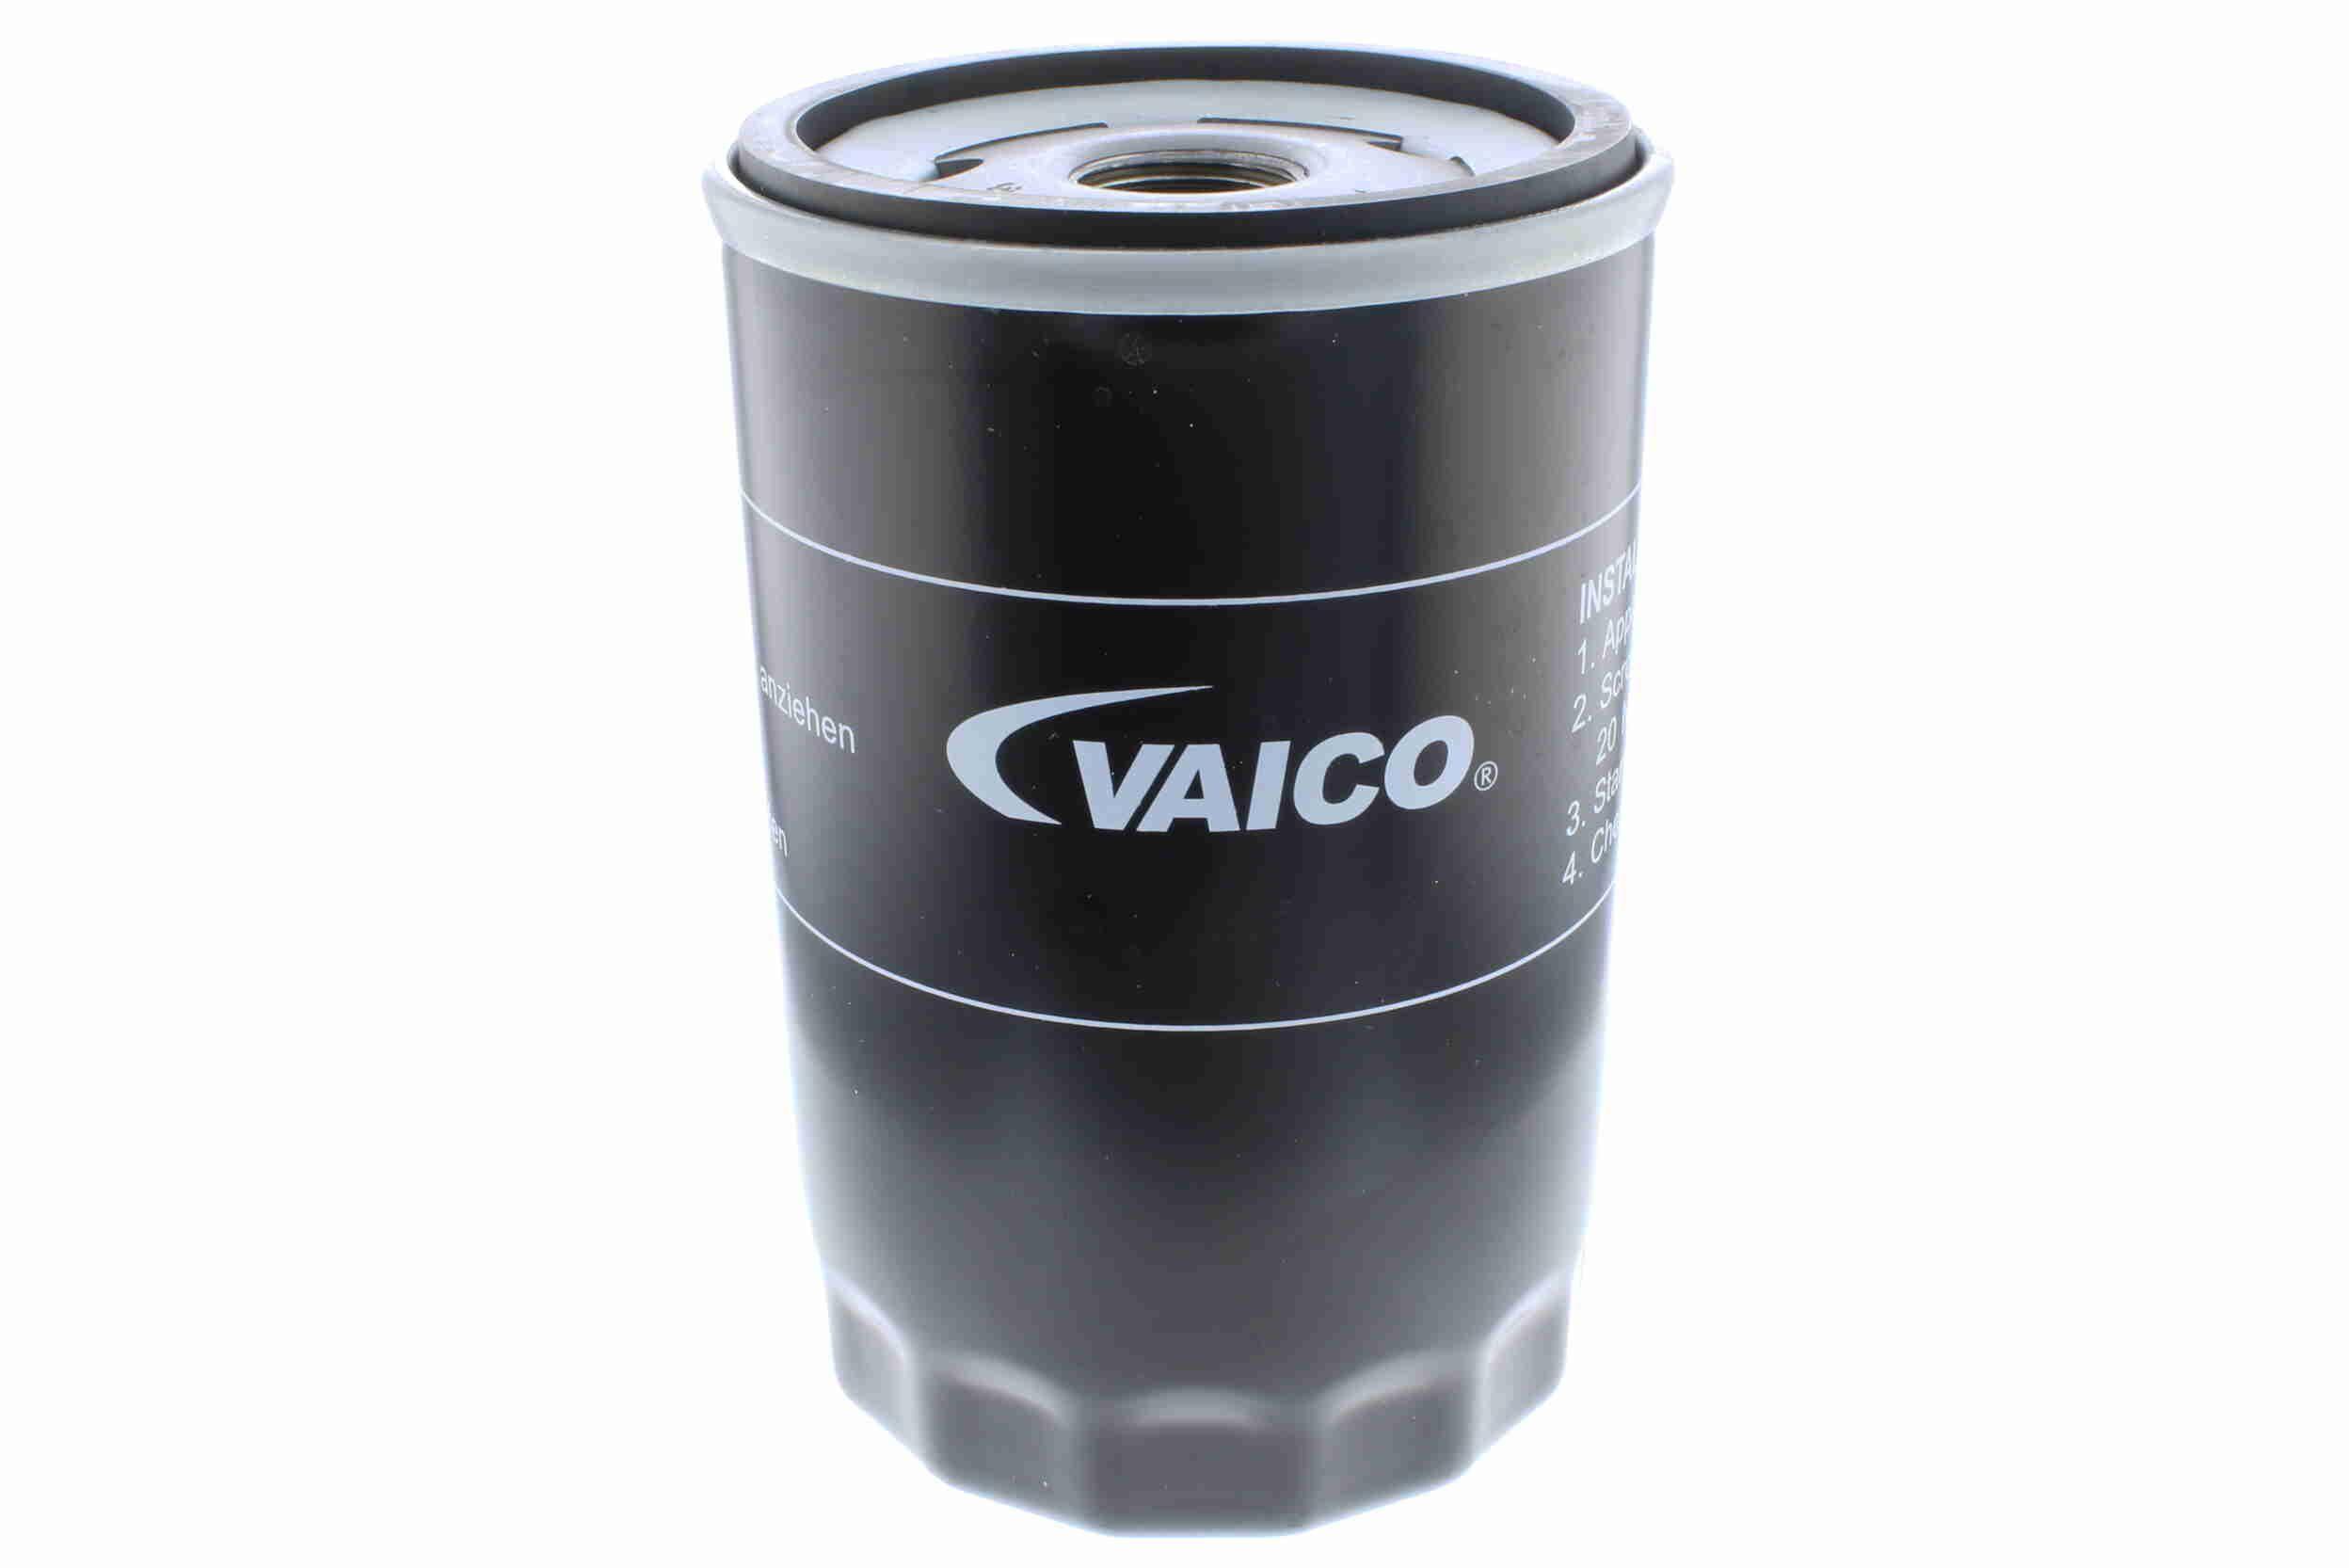 MAZDA CX-9 2018 Ölfilter - Original VAICO V25-0058 Innendurchmesser 2: 62mm, Innendurchmesser 2: 71mm, Ø: 76mm, Höhe: 123mm